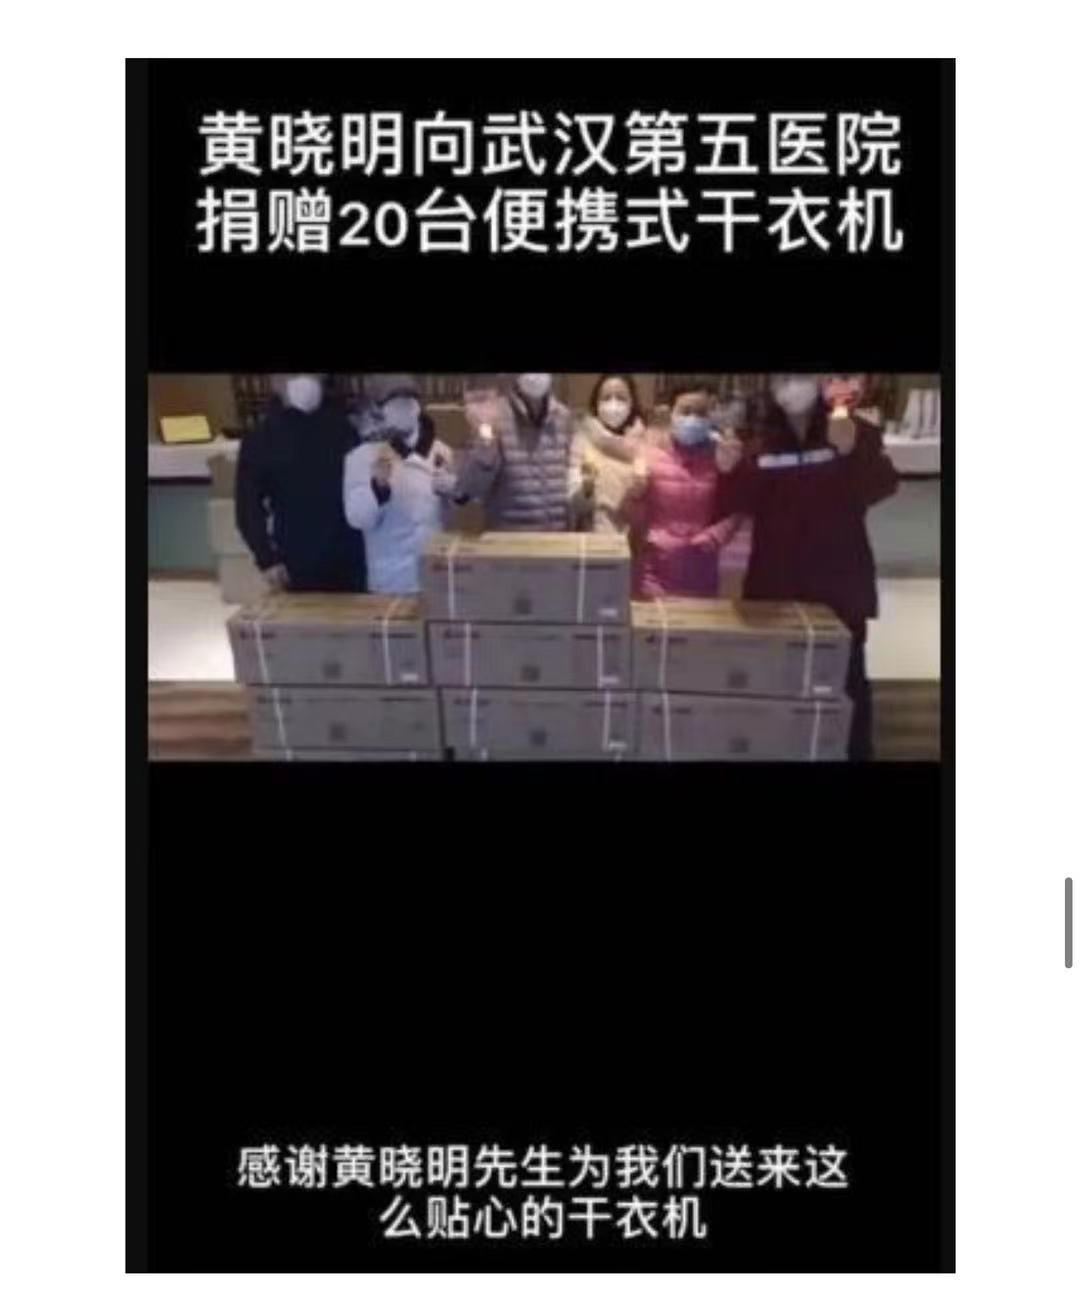 """长津湖票房破42亿,吴京被""""逼""""捐全部收入:人性的丑恶一览无遗"""